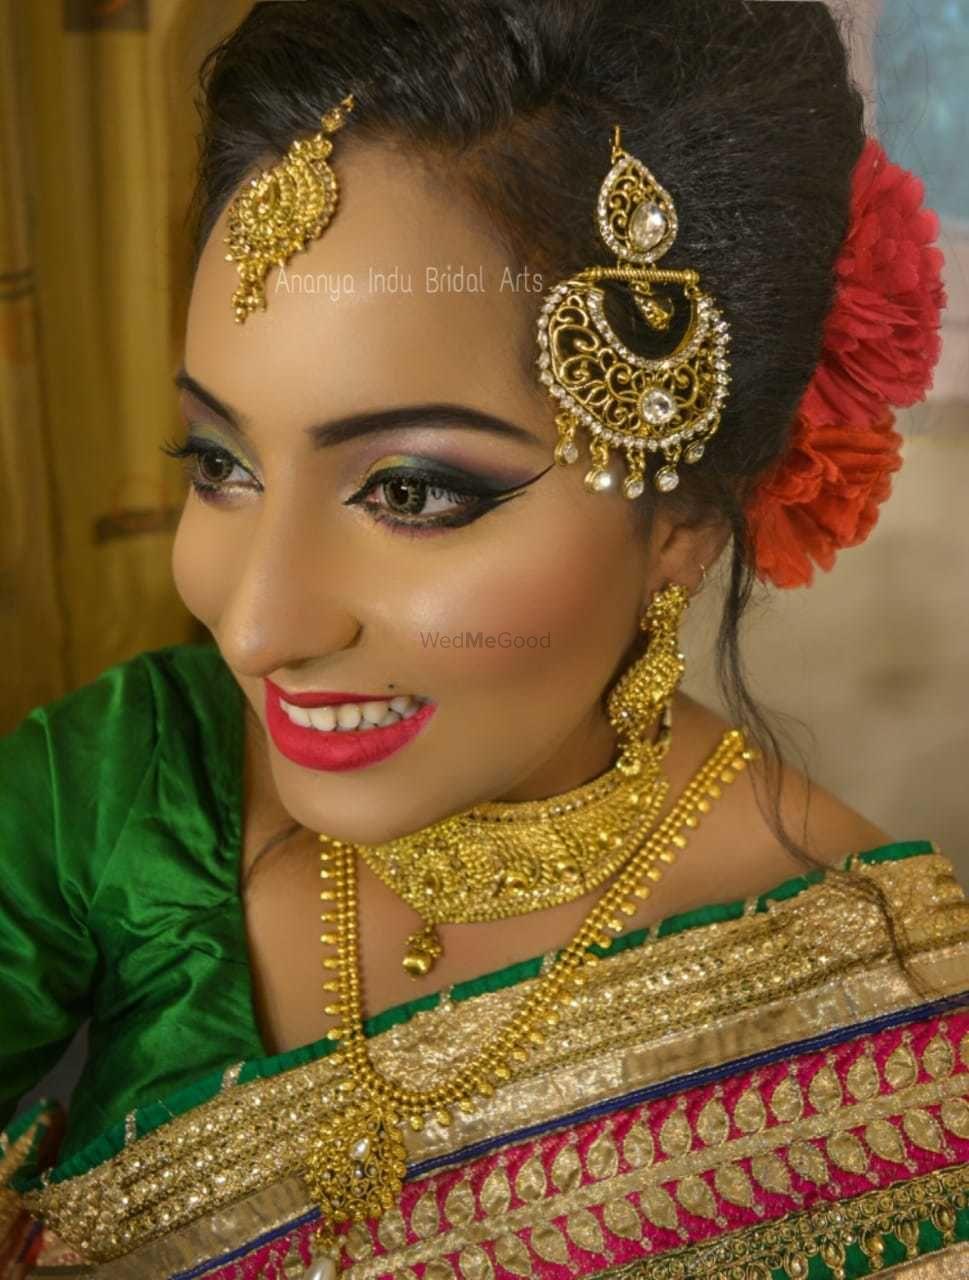 Photo From Contemporary Airbrush /HD Makeup - By Ananya Indu Bridal Arts